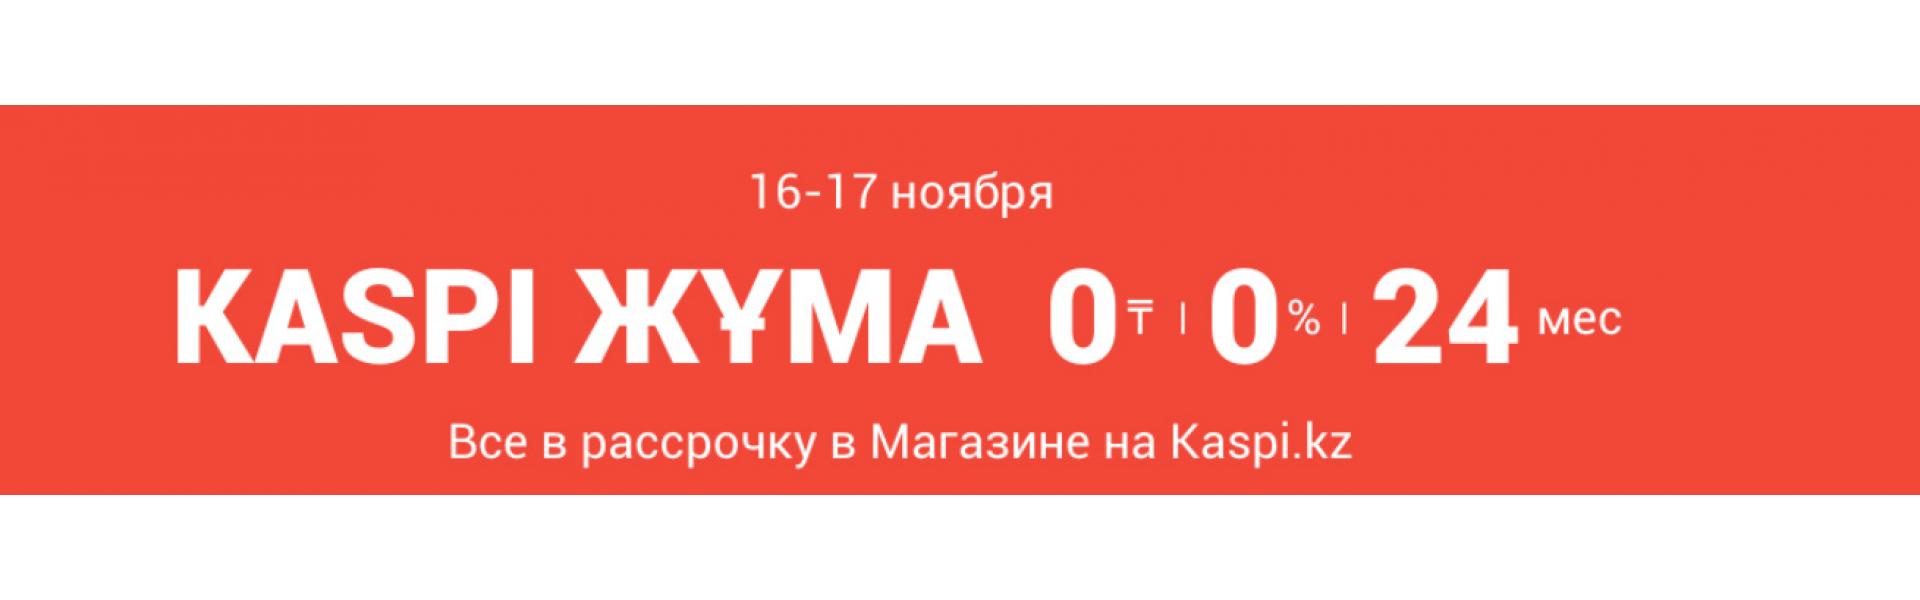 vlajnaya_yborka